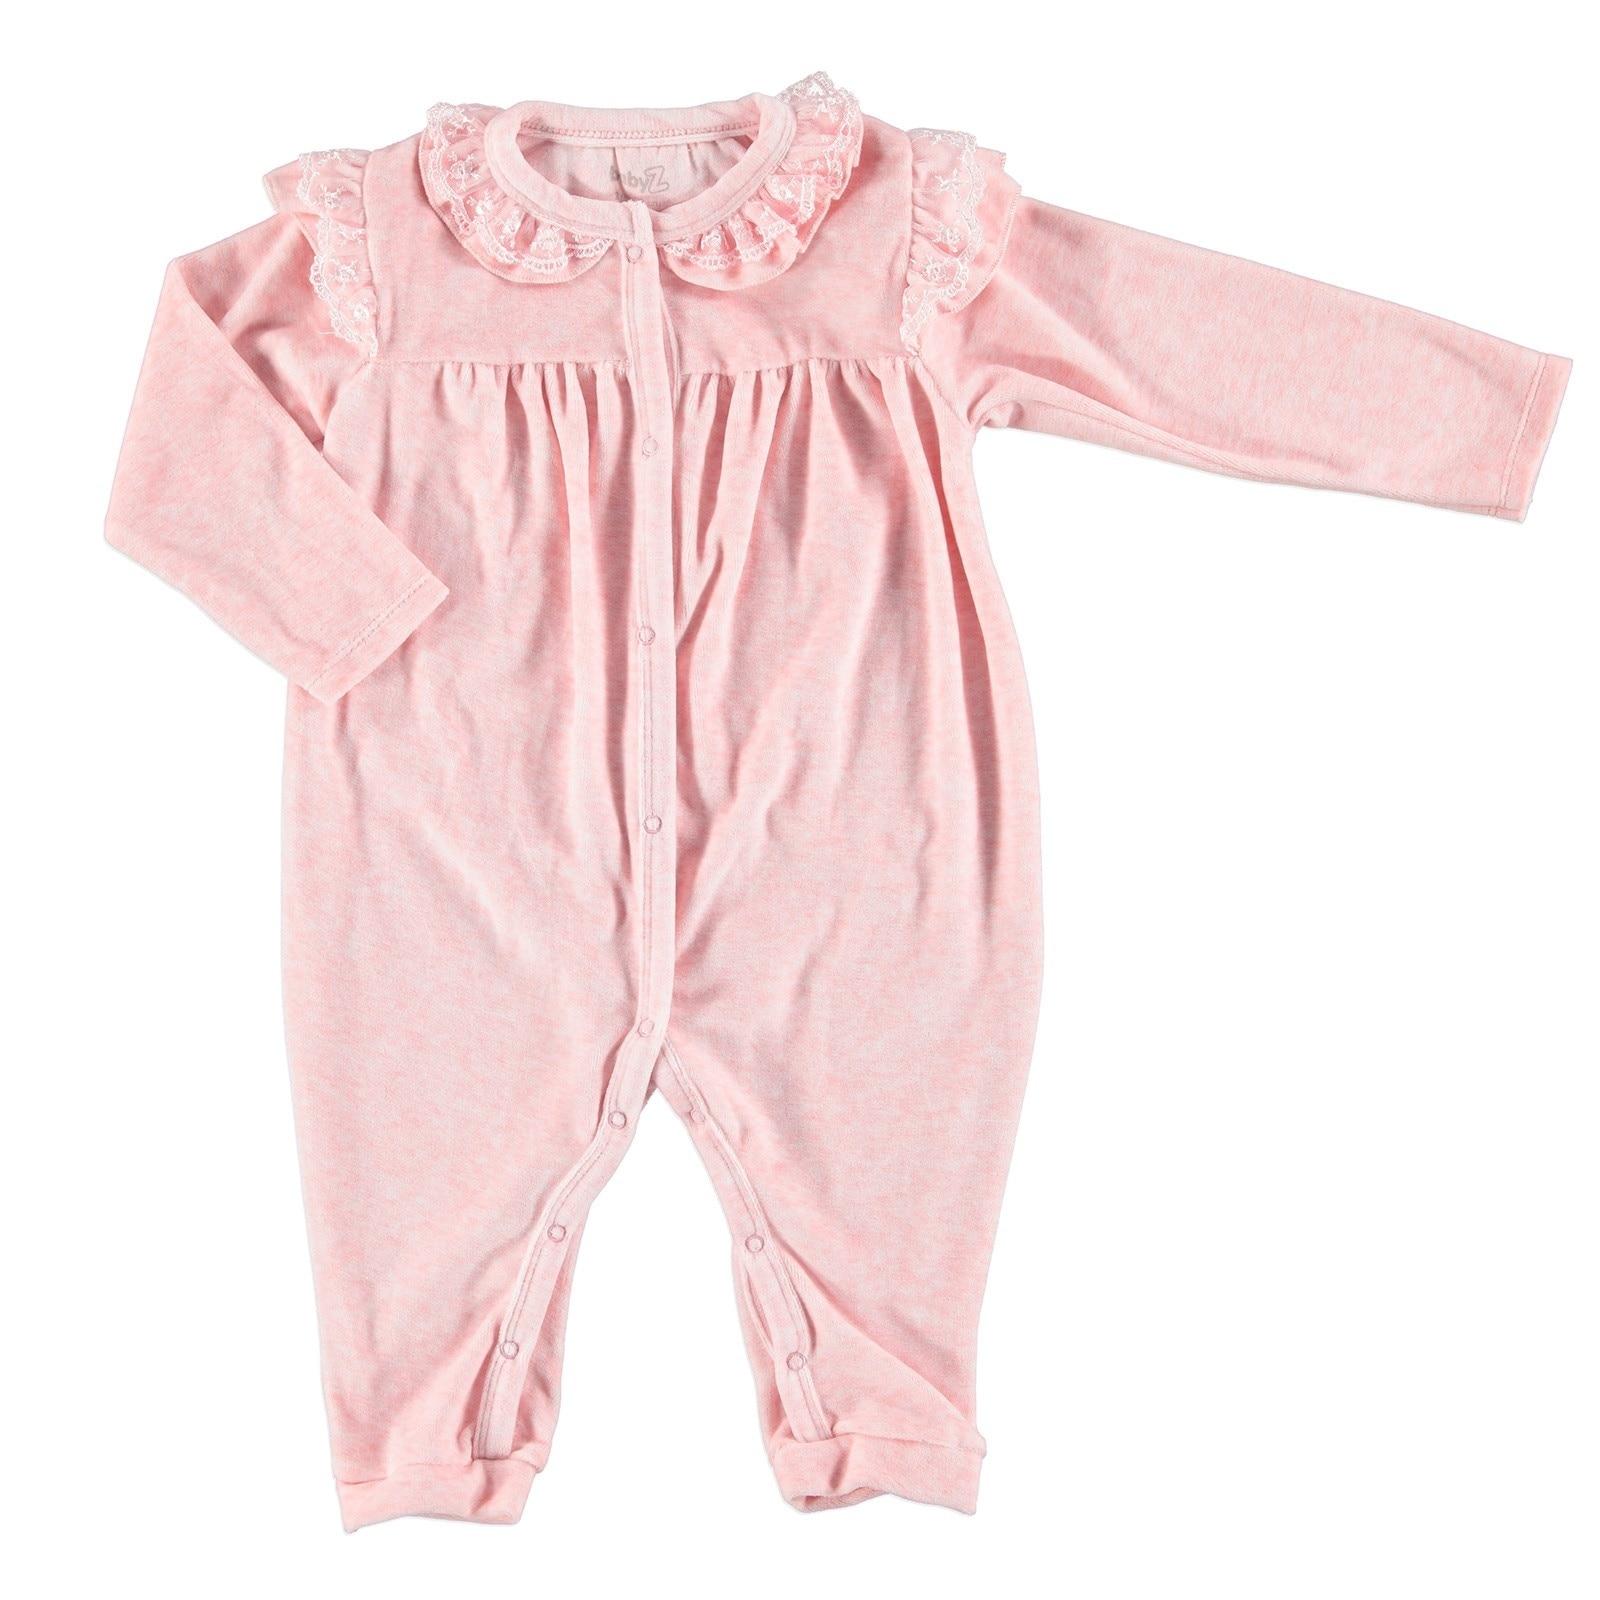 Ebebek BabyZ Baby Lacy Detail Footless Romper